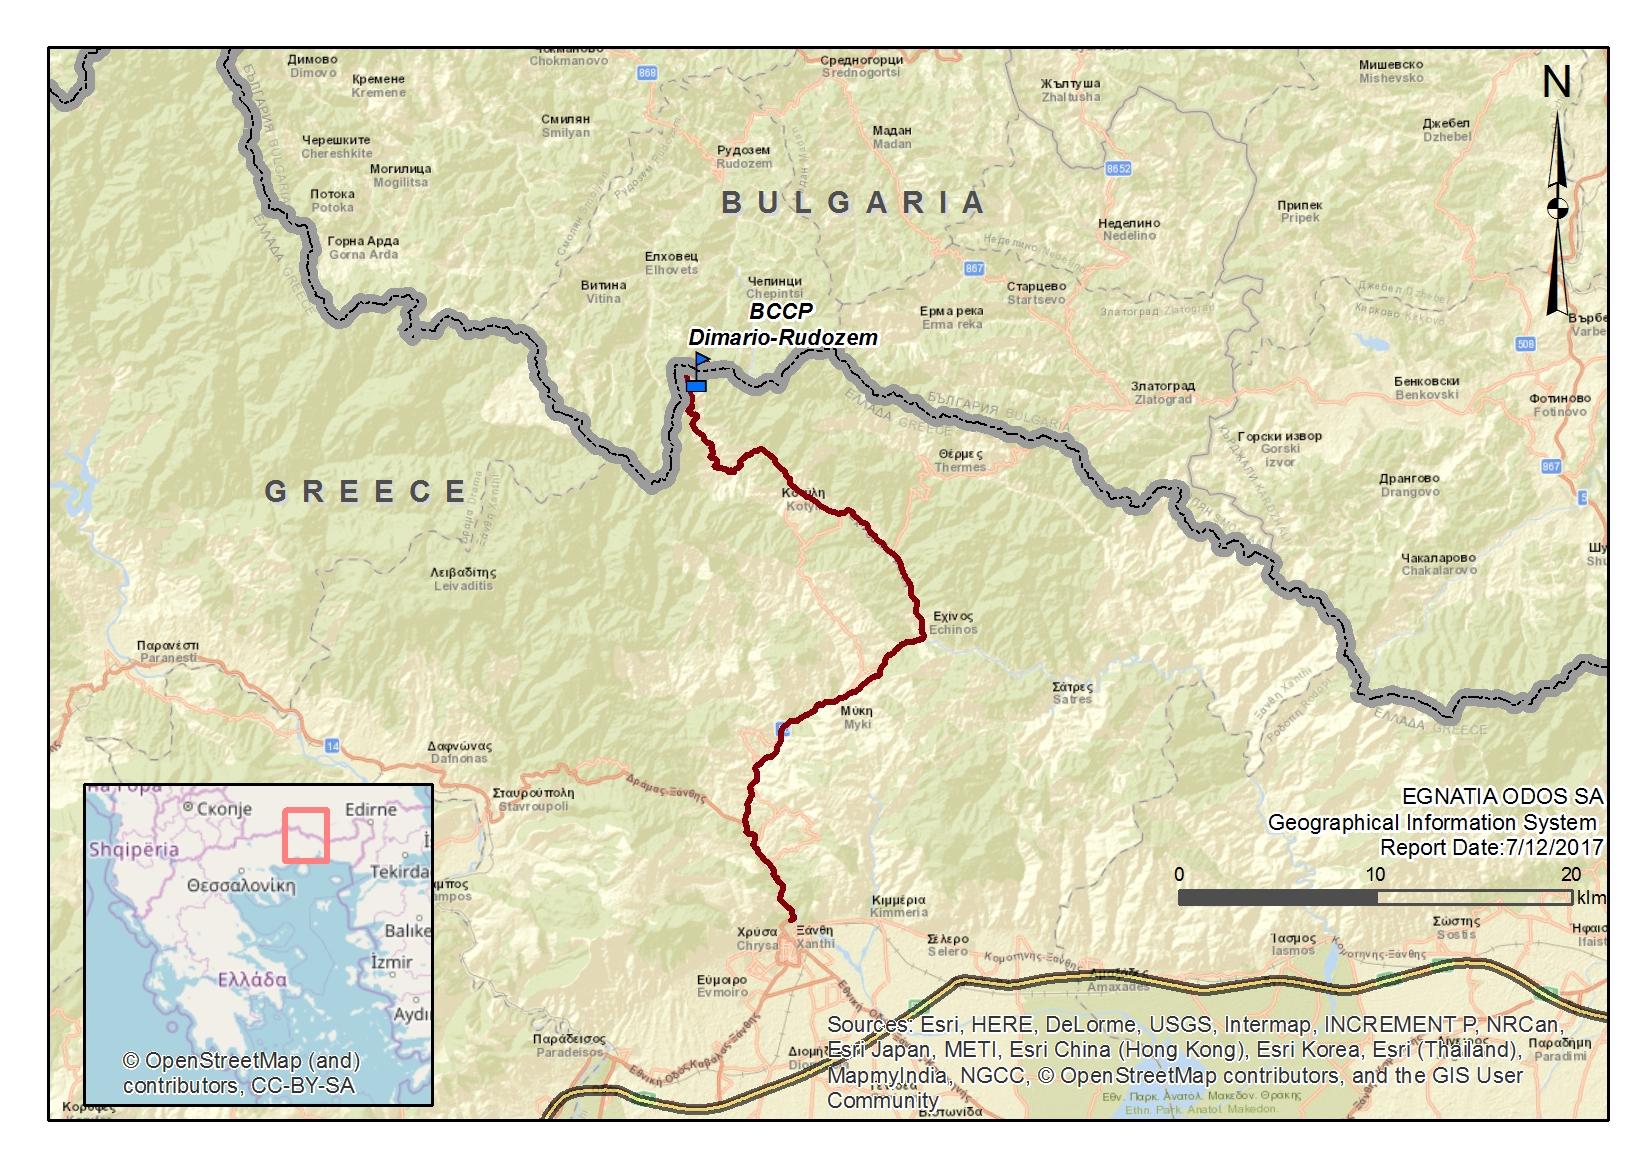 Ο Κάθετος 'Αξονας Ξάνθη-Εχίνος-Ελληνο-Βουλγαρικά Σύνορα